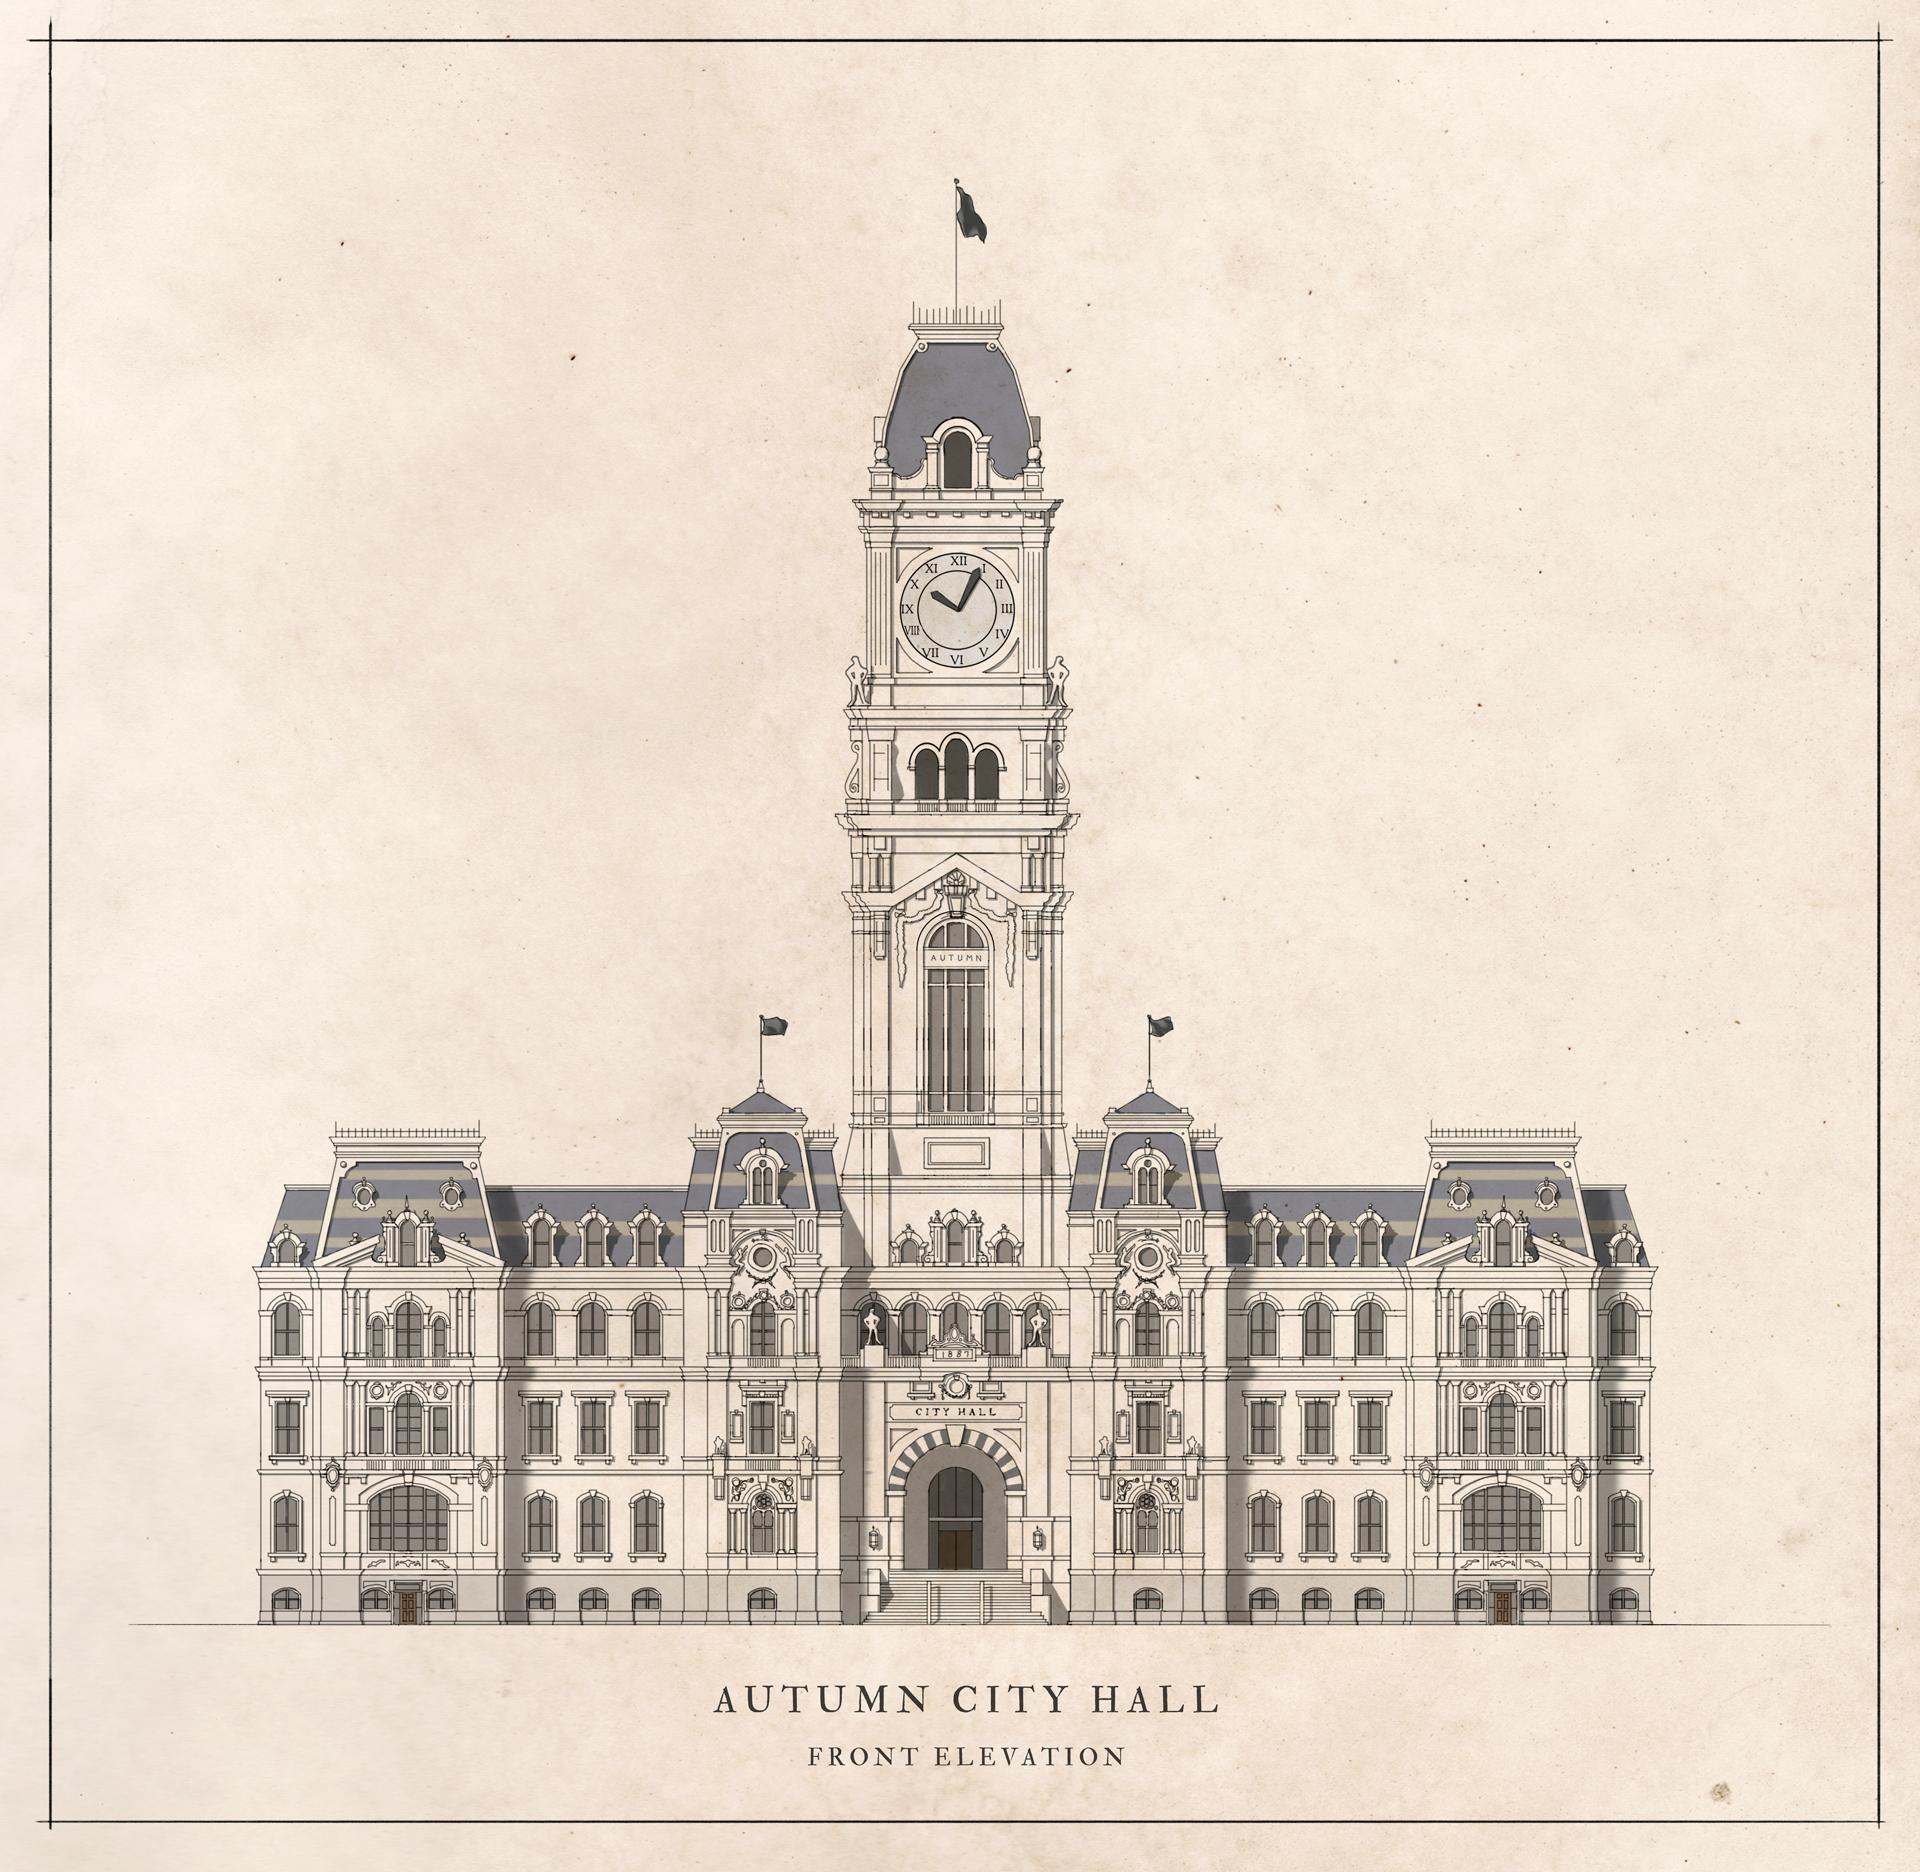 Autumn City Hall